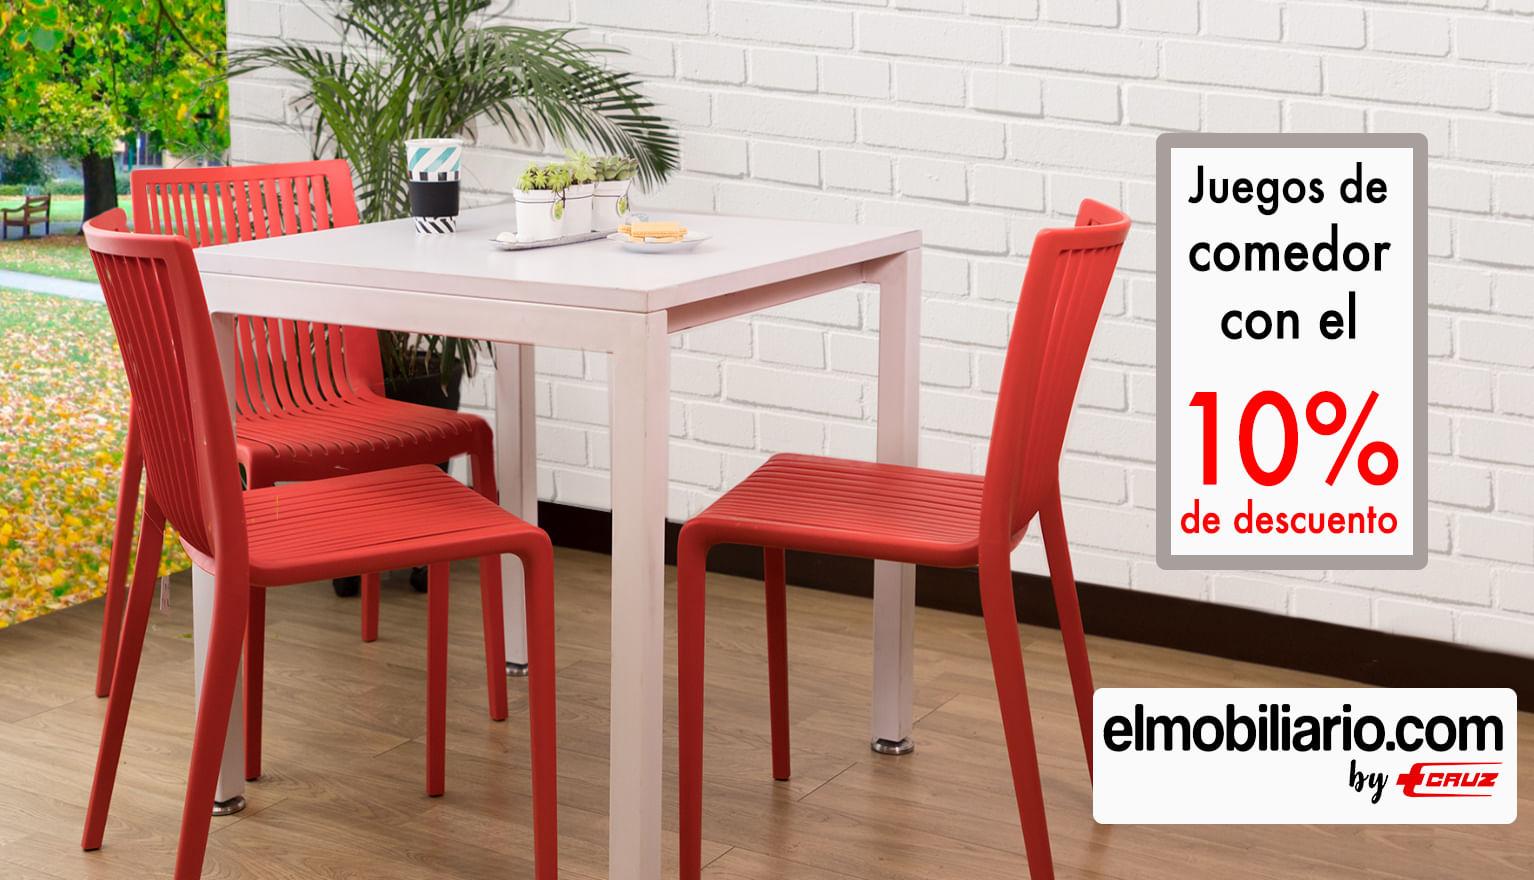 Elmobiliario Tienda Online De Muebles Y Decoracion Bogota Colombia